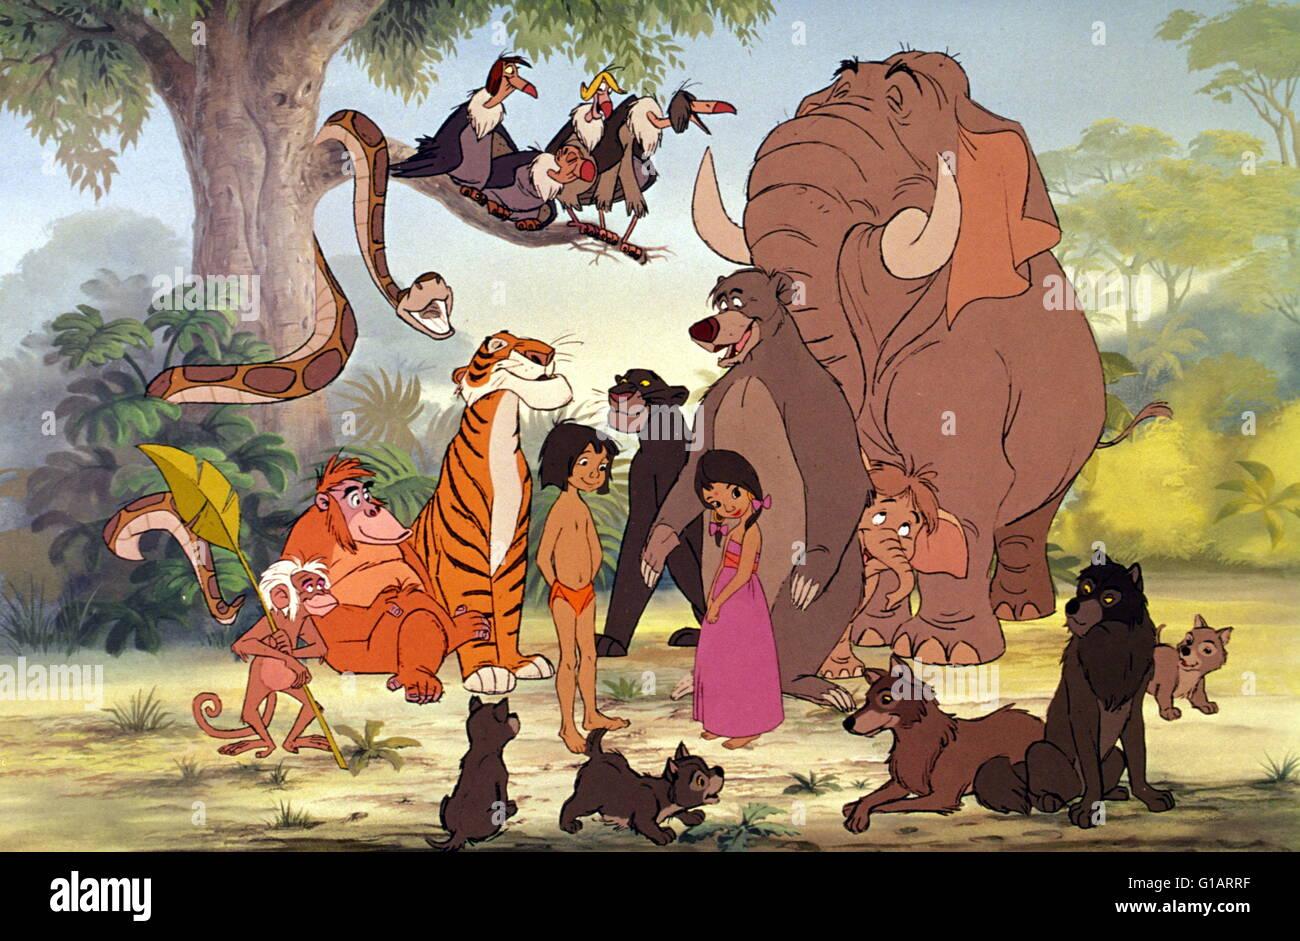 The jungle book release date in Australia